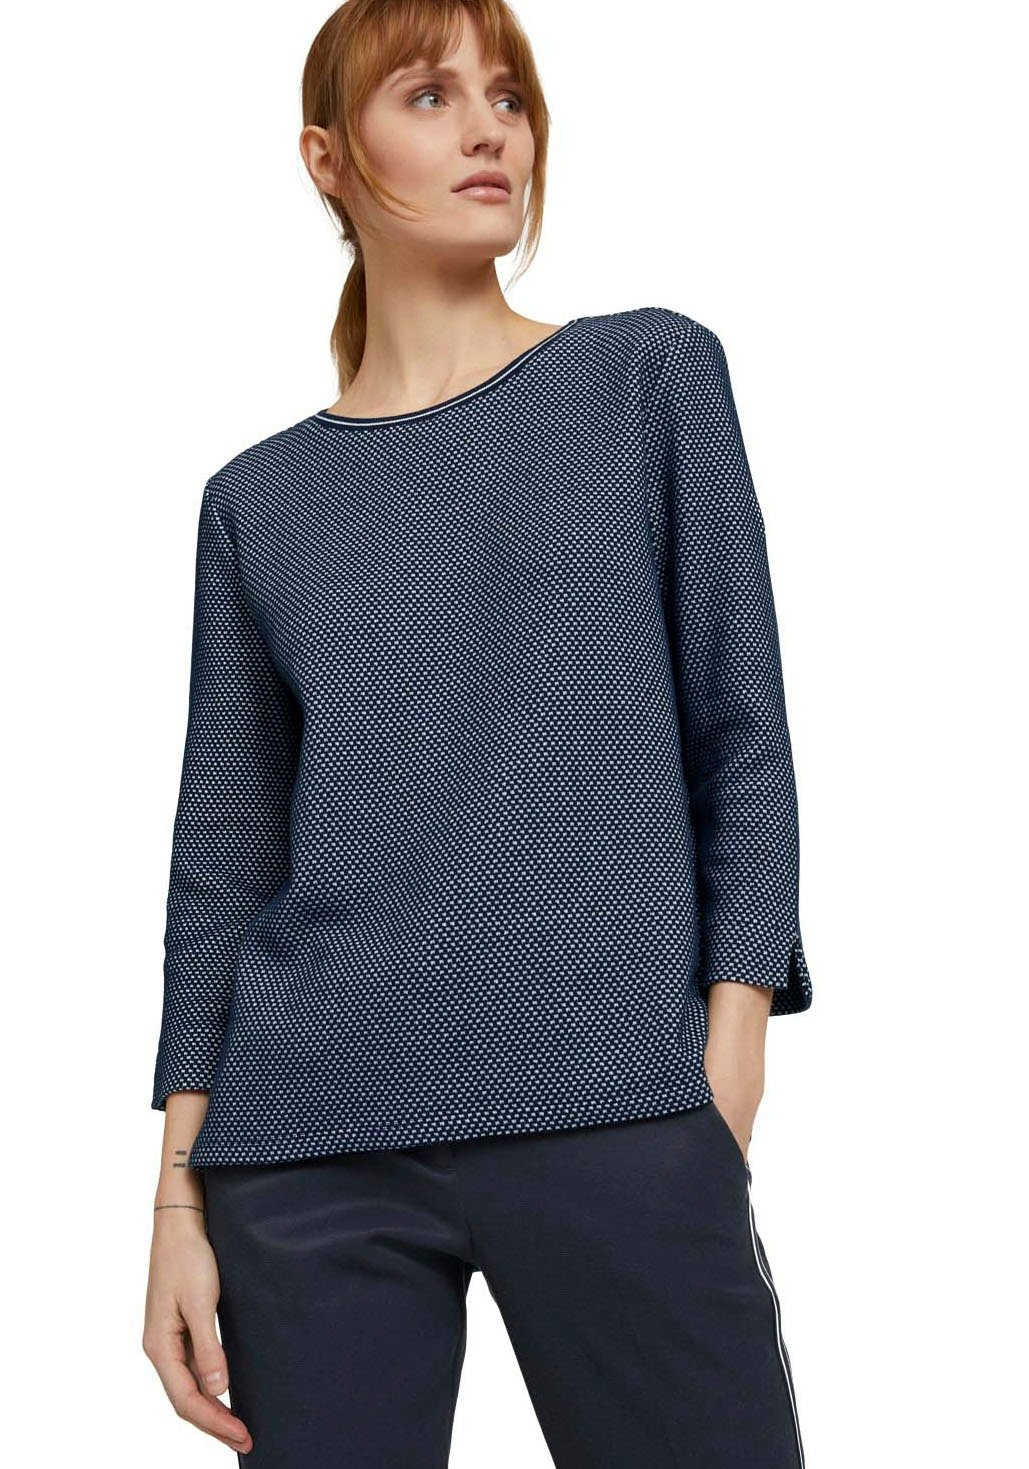 Tom Tailor sweater met zijsplitten onderlangs en in de mouwen - gratis ruilen op otto.nl